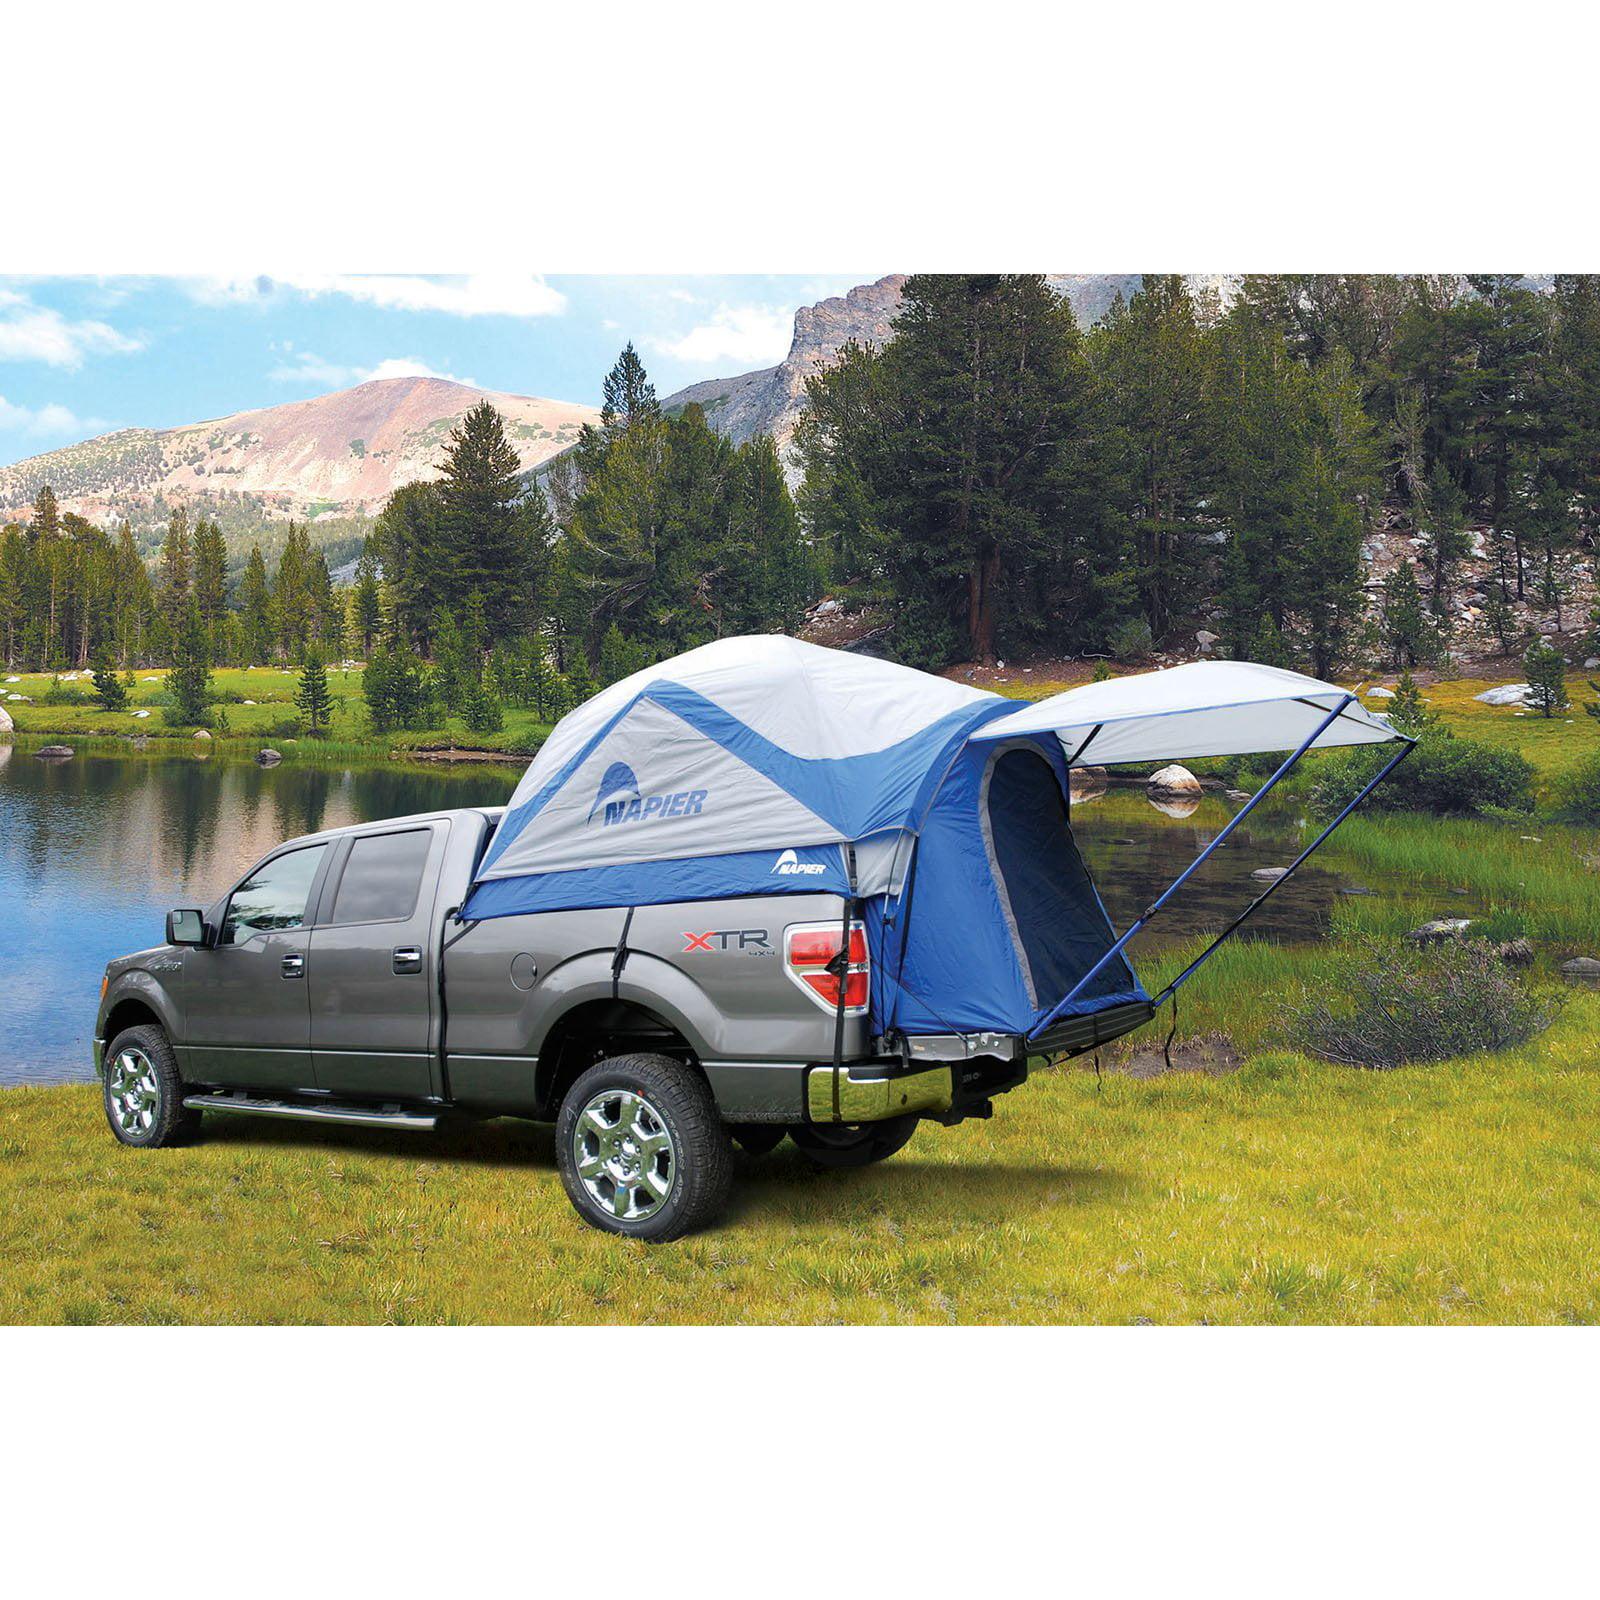 Napier Outdoors Sportz #57011 2 Person Truck Tent, Full Size Long Bed, 7.9 8.2 ft. by Napier Enterprises